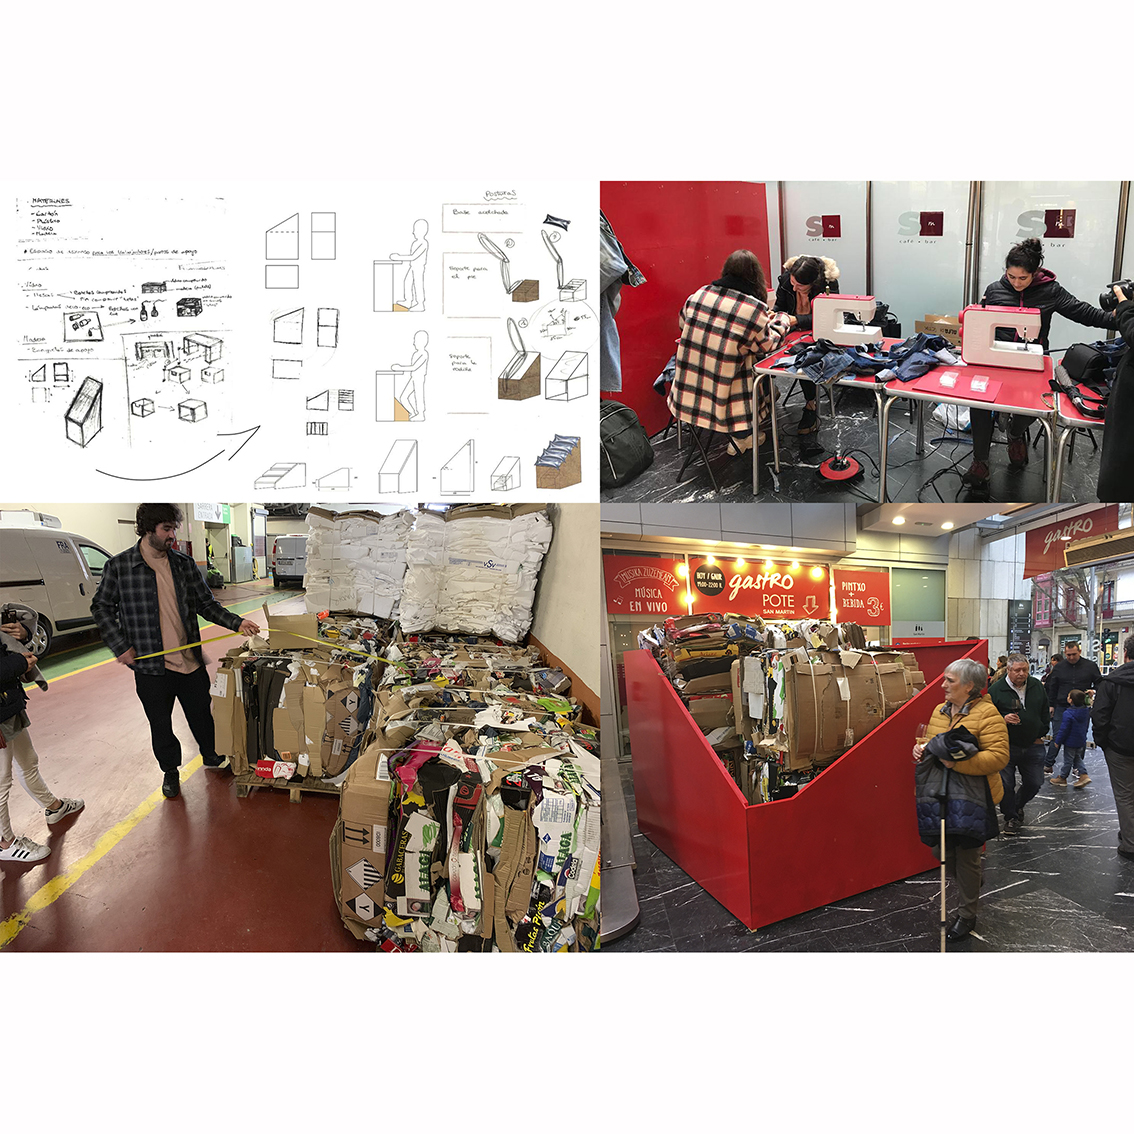 PROYECTO REUSE. MERCADO SAN MARTÍN by Proyecto colectivo - Curso Primero del Título Superior de Diseño Gráfico y de Interiores - Creative Work - $i